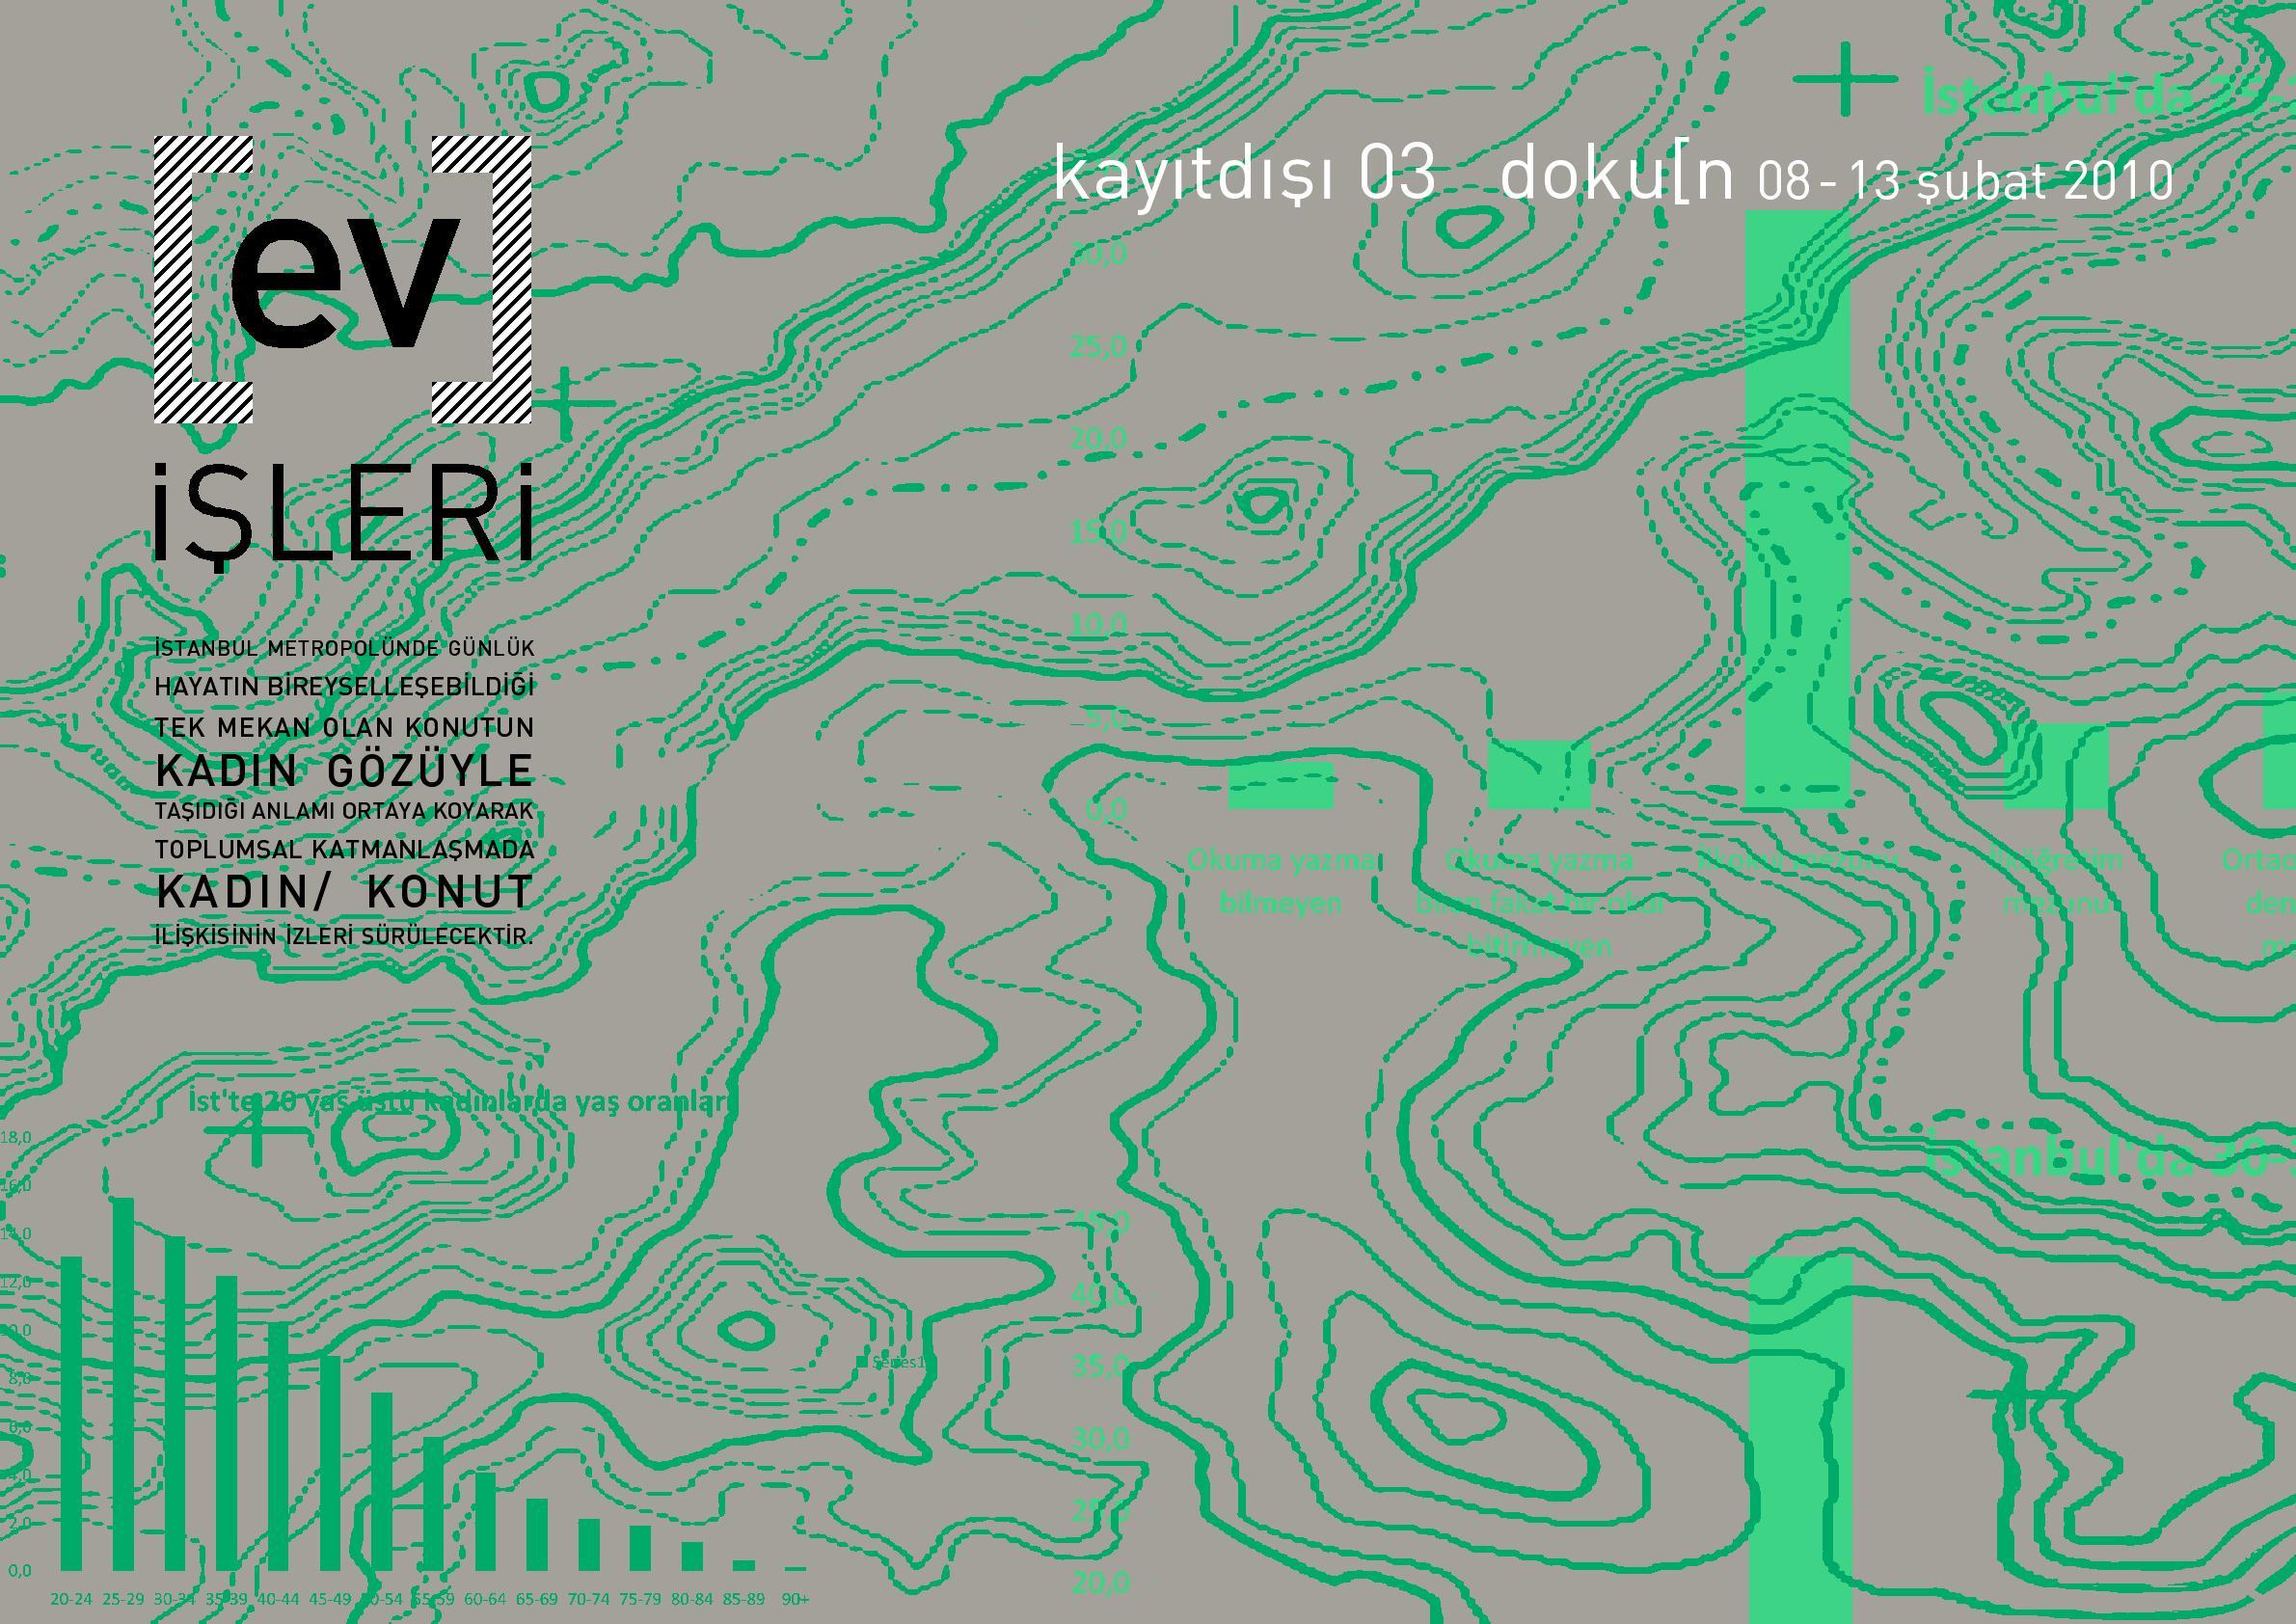 EV İŞLERİ-KAYITDIŞI_03 (1)